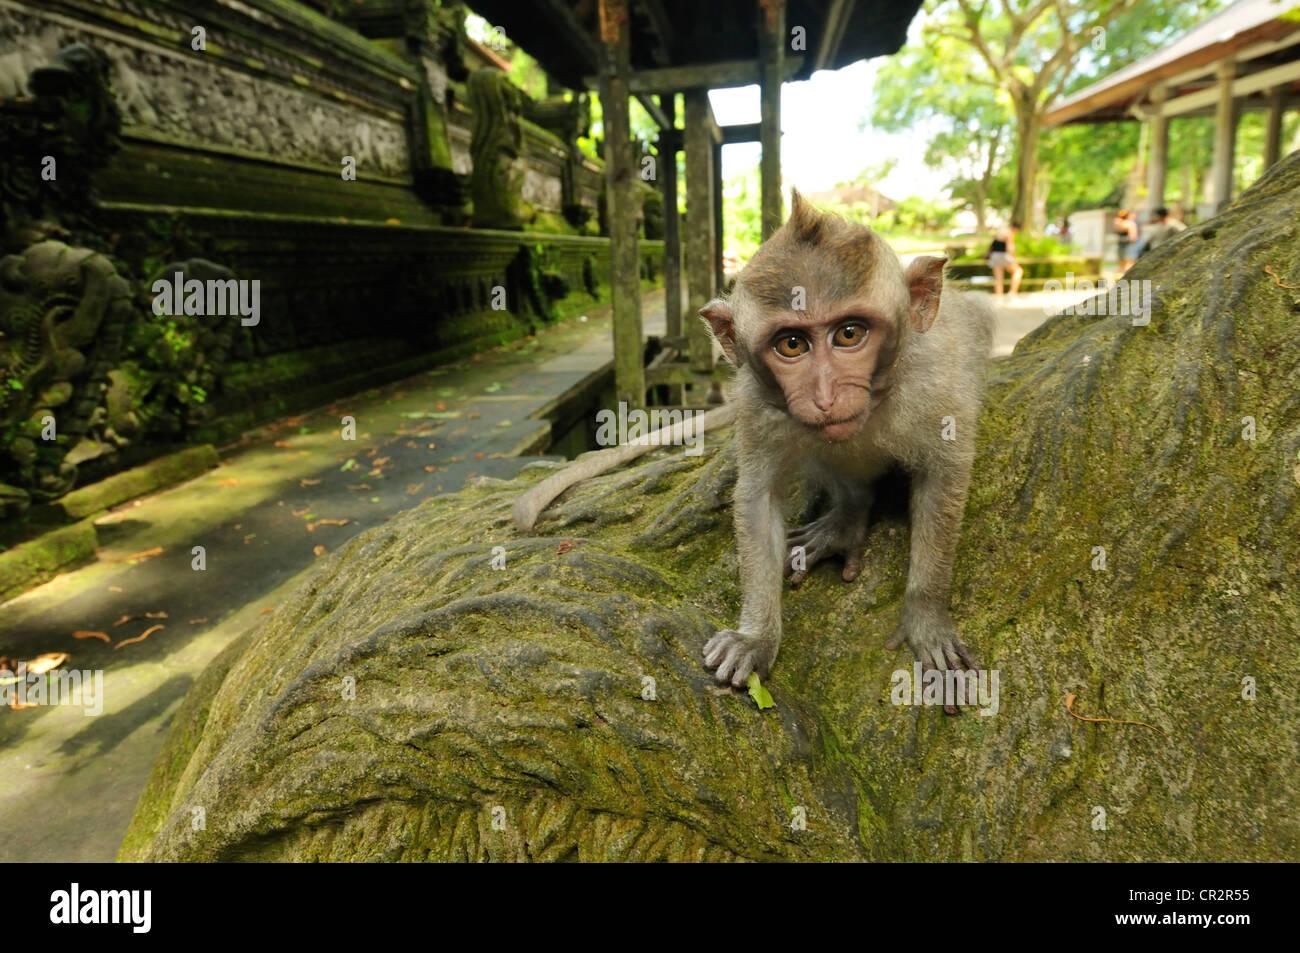 Long-tailed Macaque Macaca Fascicularis, Cercopithecidae, Ubud Monkey forest, Ubud, Bali, Indonesien, Asien Stockbild